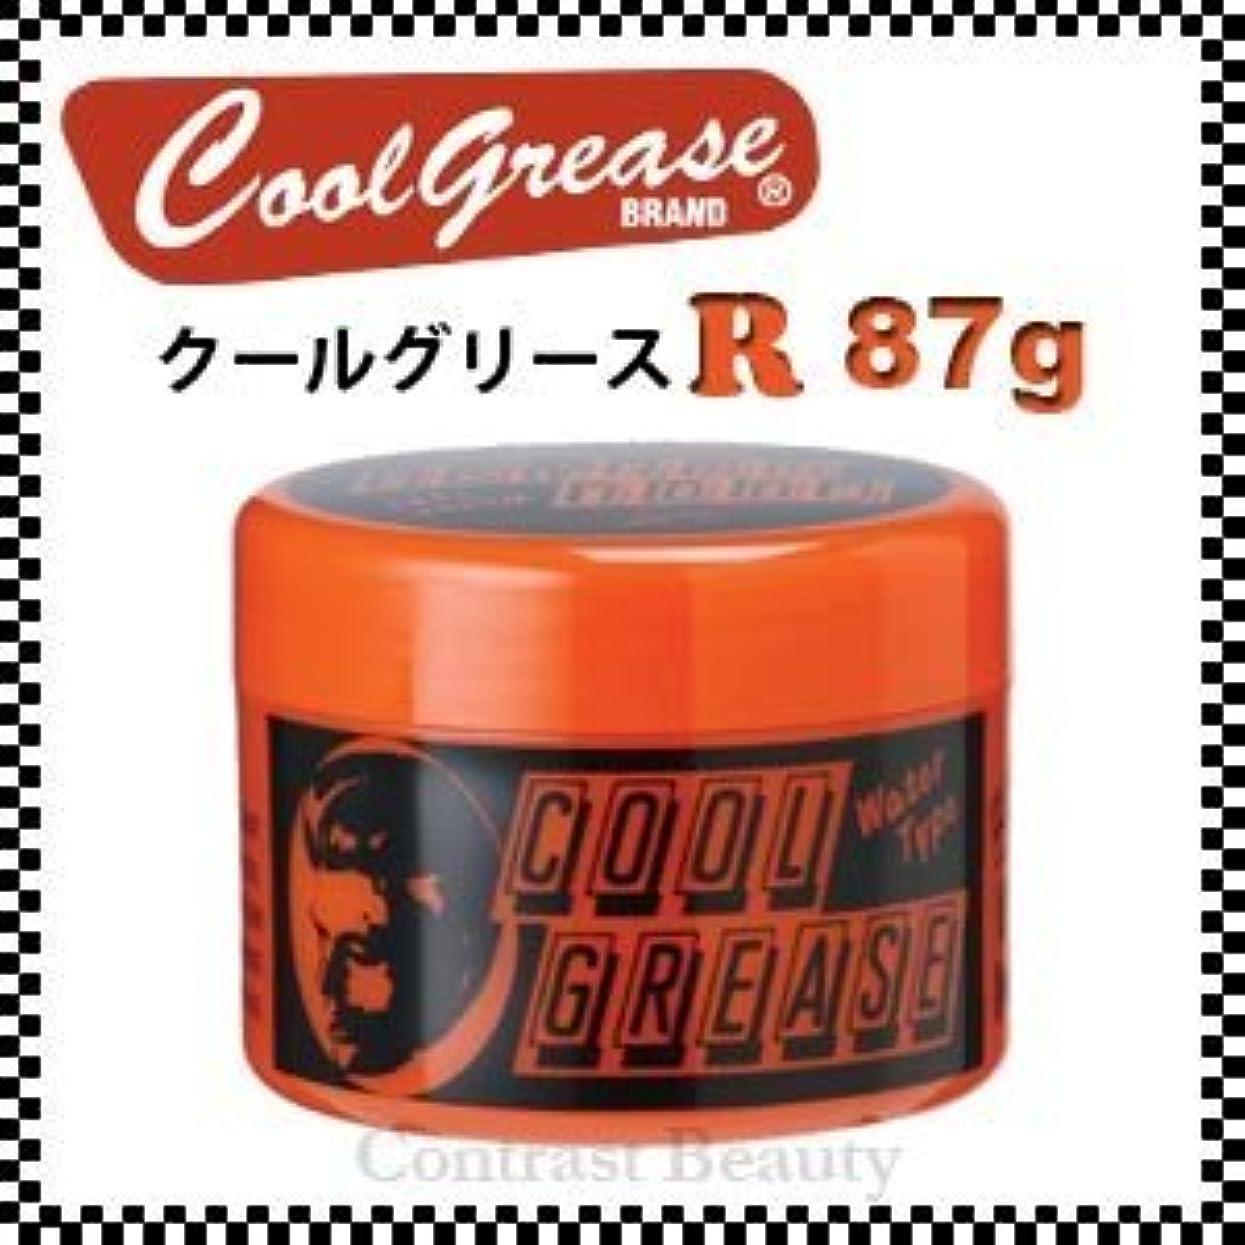 ダンプシャンパンチューリップ阪本高生堂 クールグリース R 87g